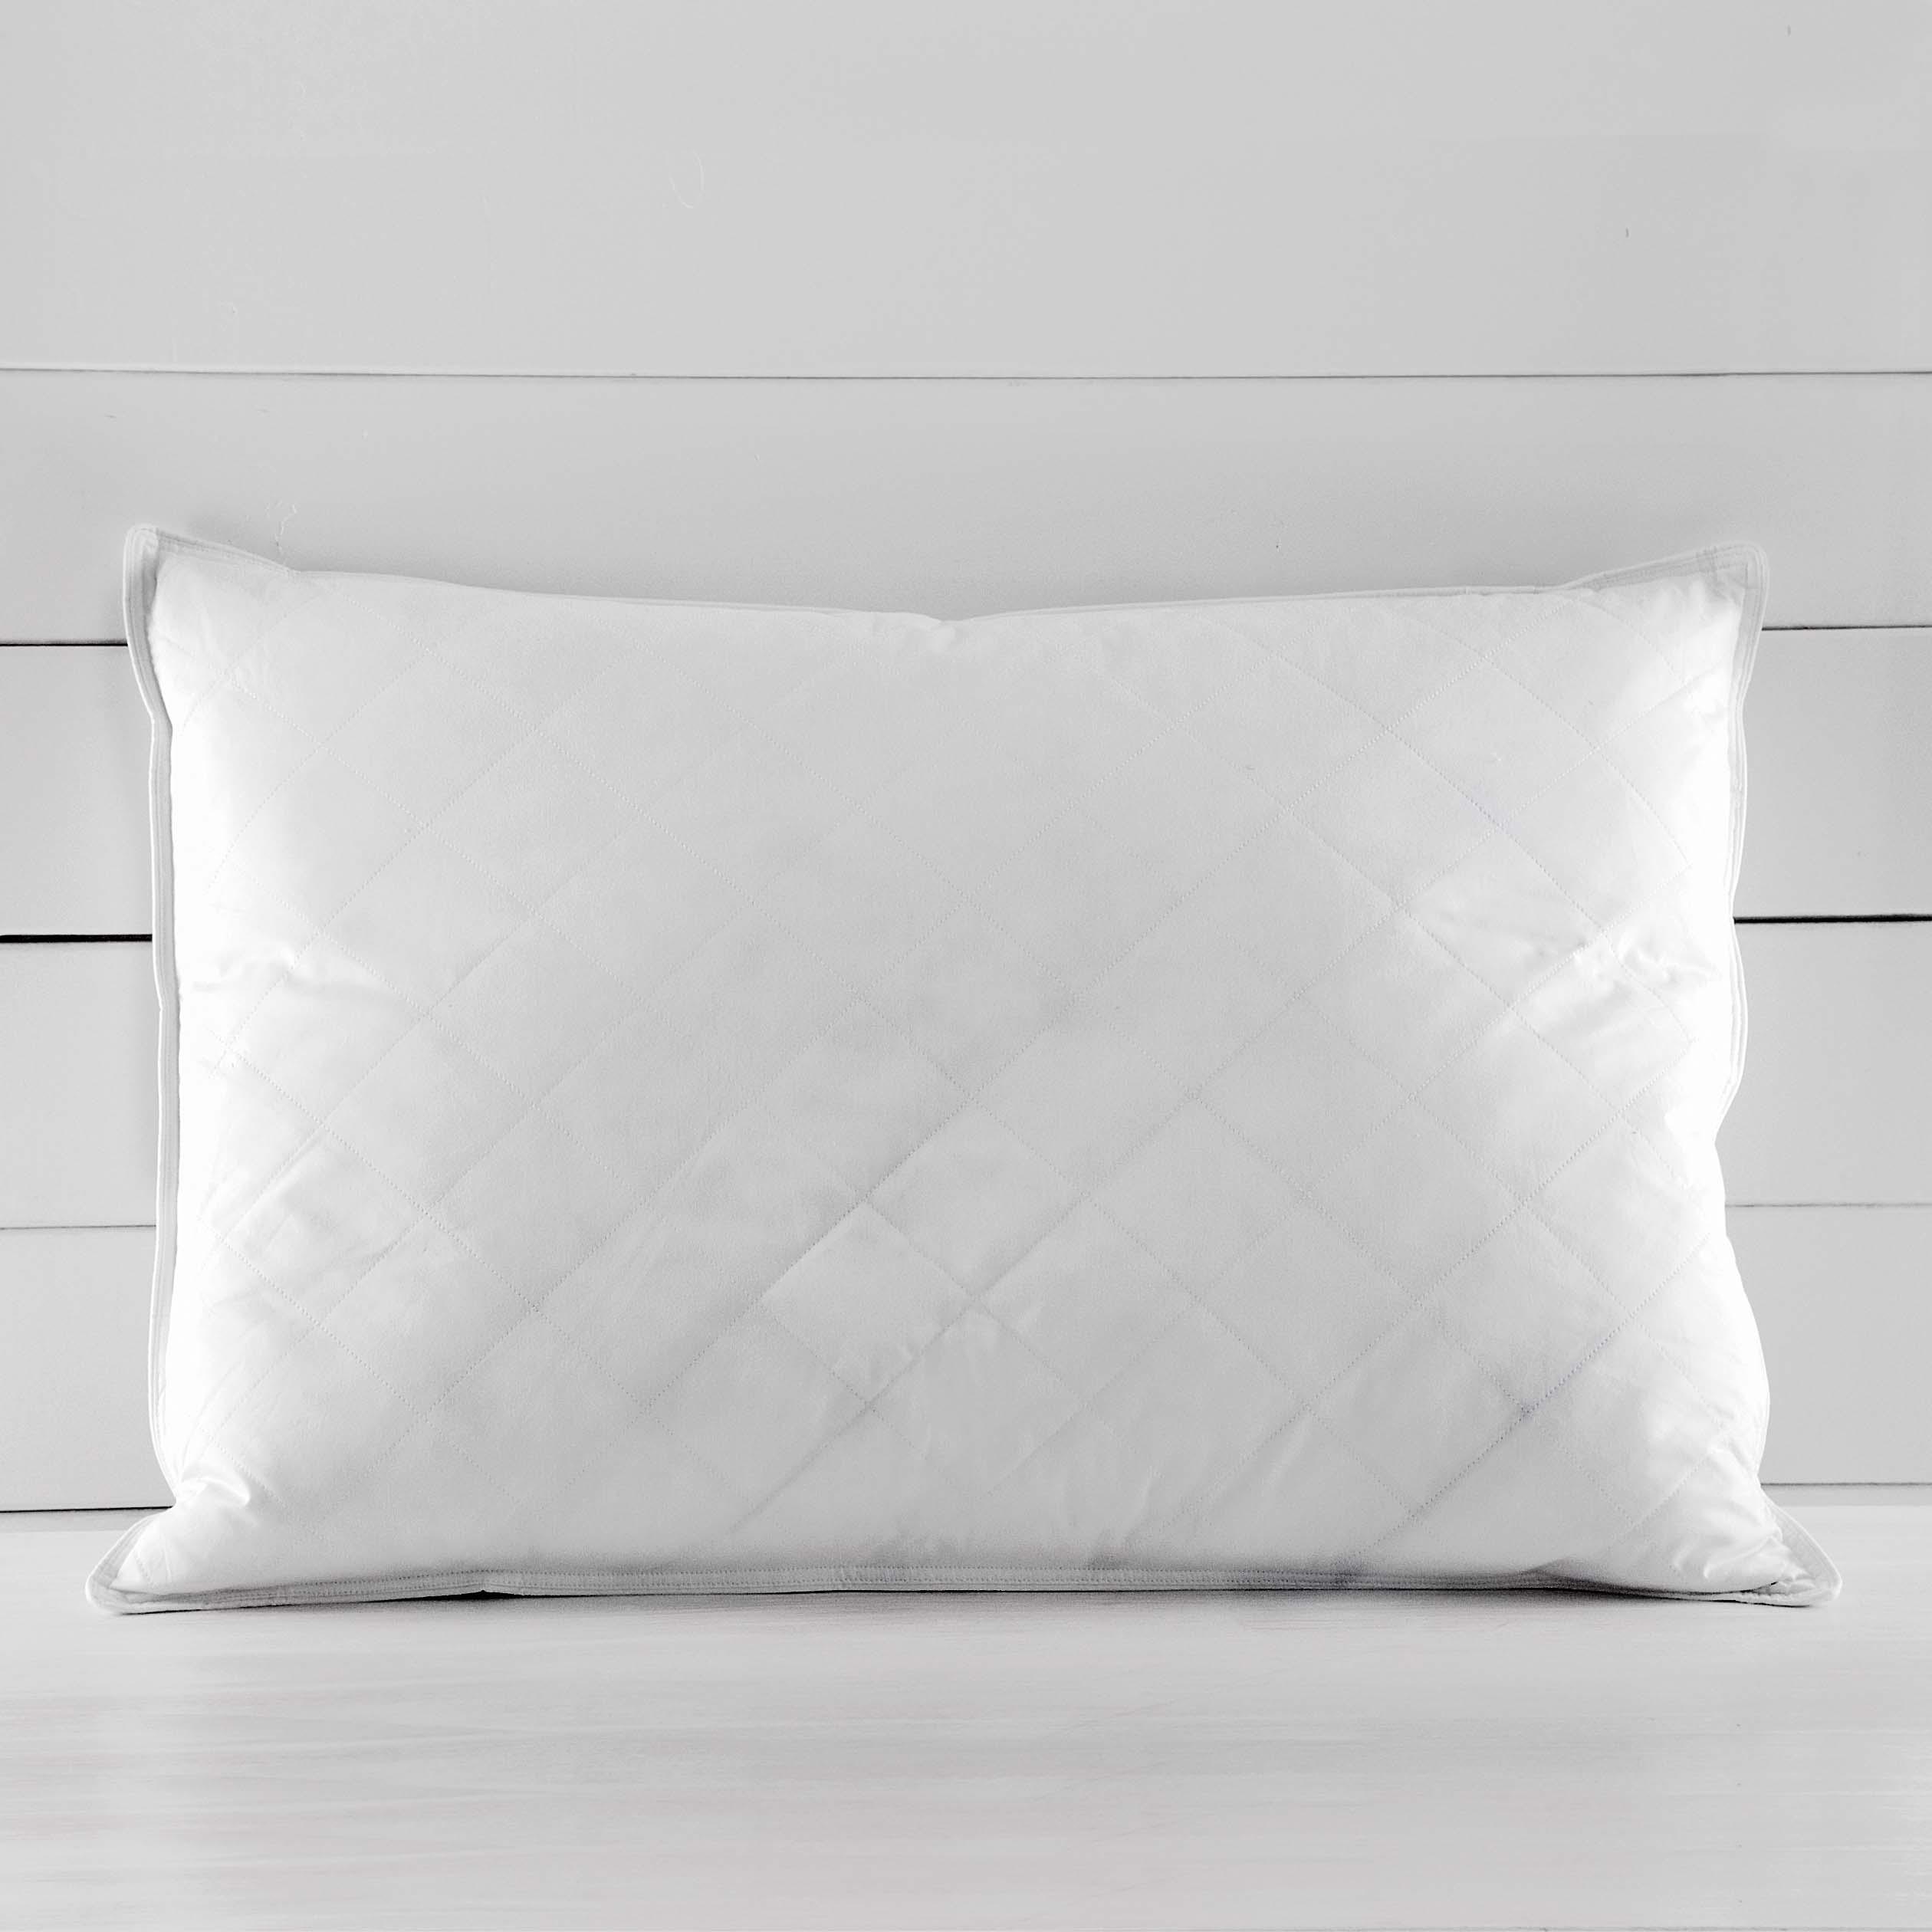 Μαξιλάρι ύπνου πουπουλένιο (50X70) καπιτονέ, RYTHMOS HOME υπνοδωματιο   μαξιλάρια ύπνου   μαξιλάρια πουπουλένια